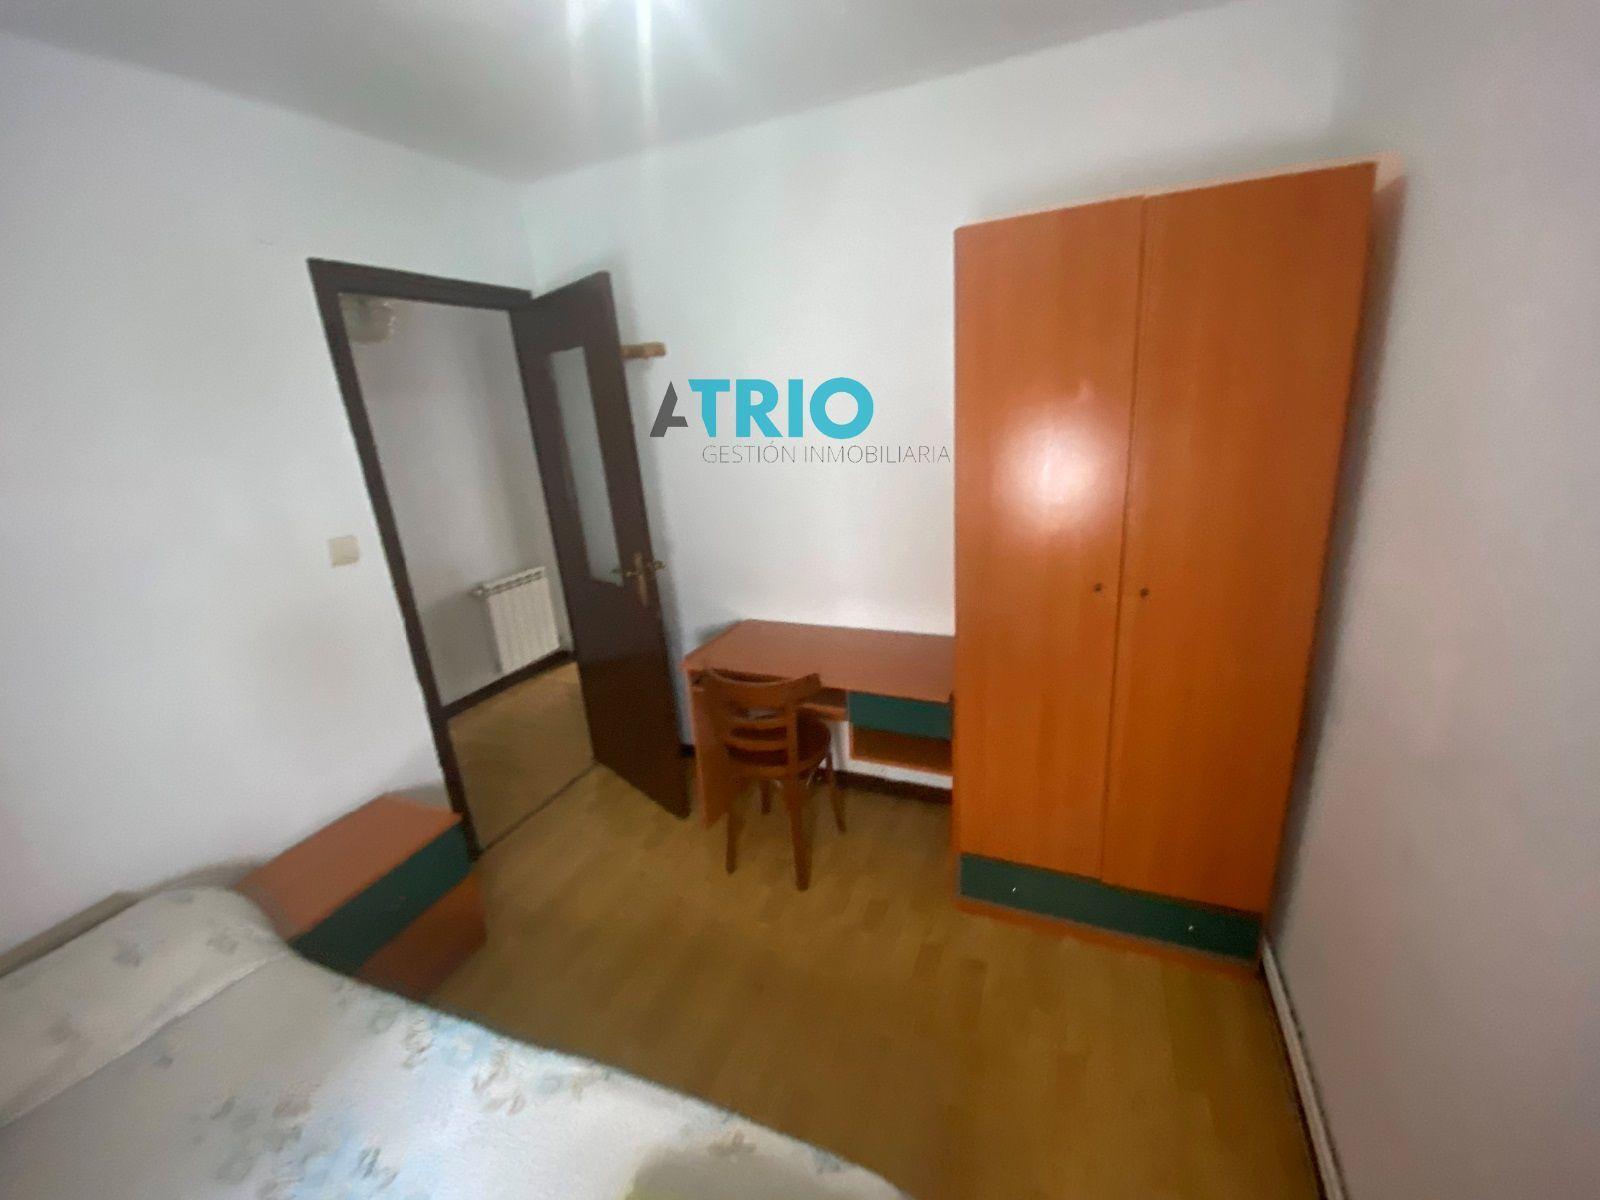 dia.mobiliagestion.es/Portals/inmoatrio/Images/3643/5937001